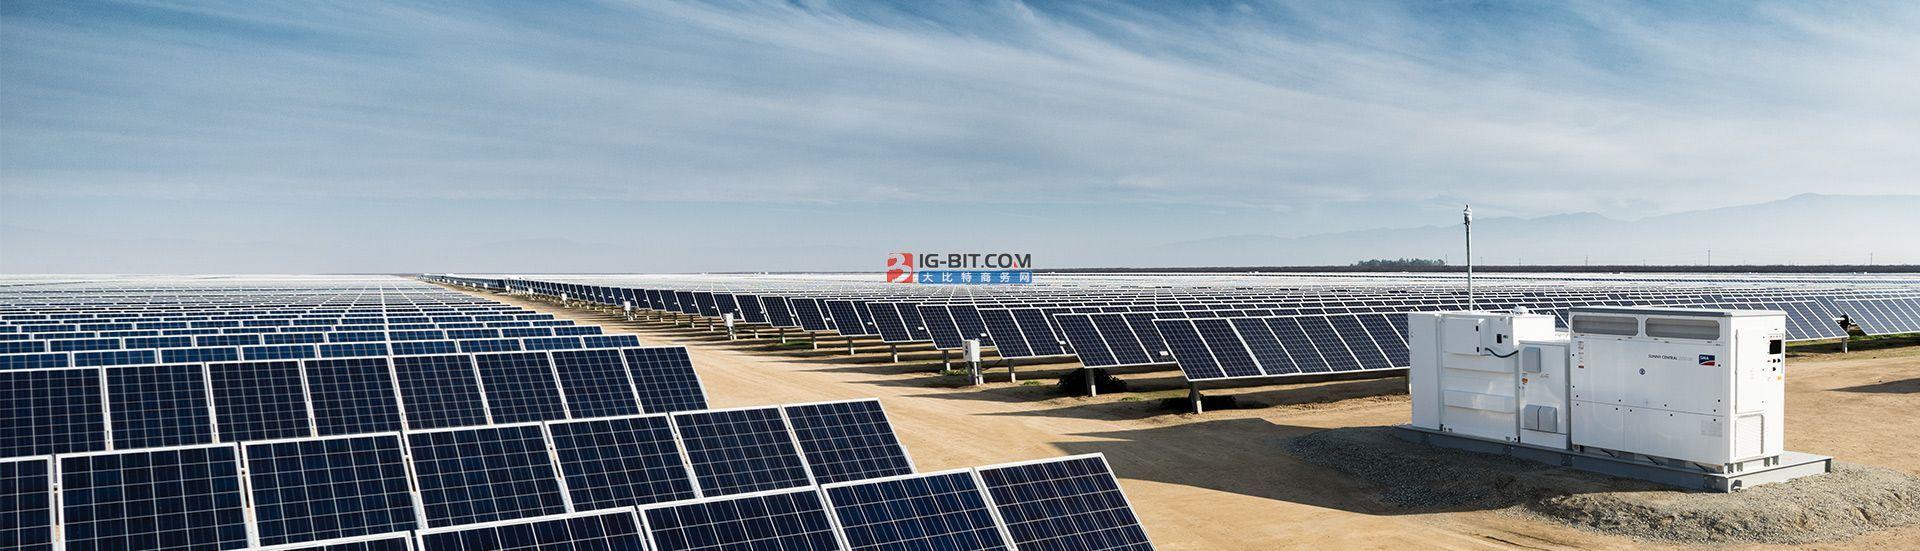 伊宁新增550MW发电项目,建设方为苏美达